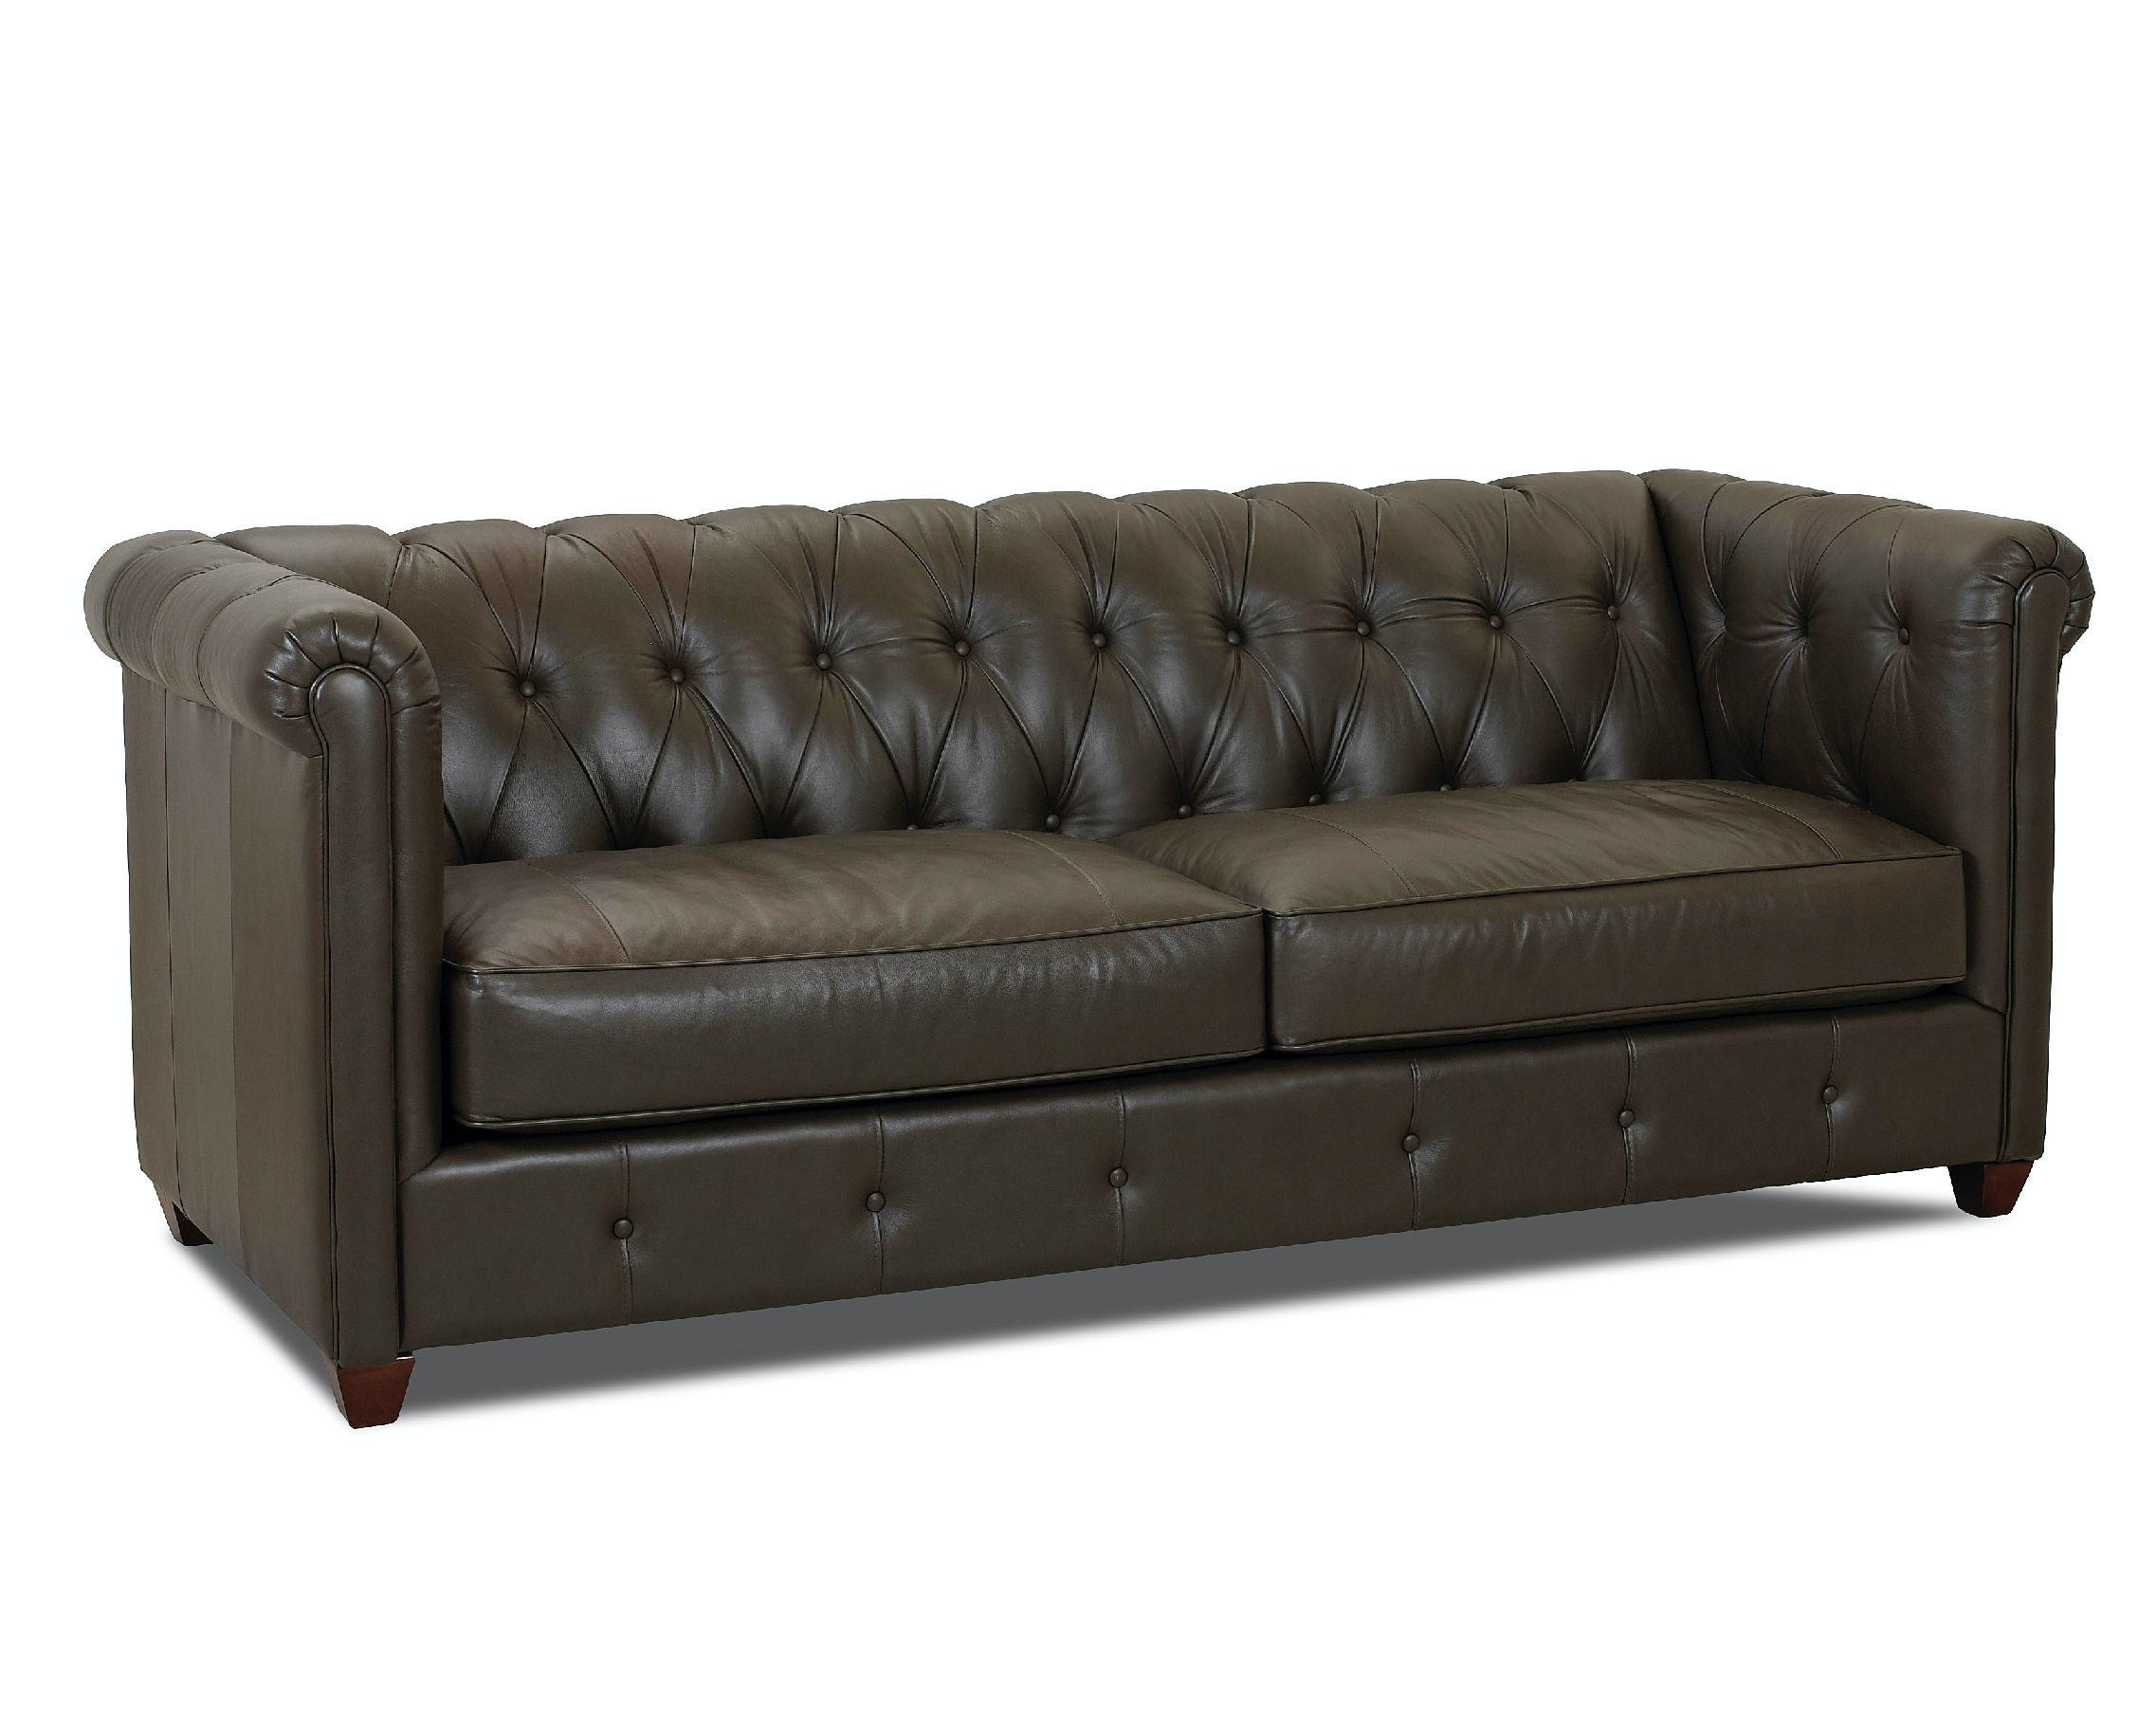 Carolina Preserves Beech Mountain Sofas LD45200 S